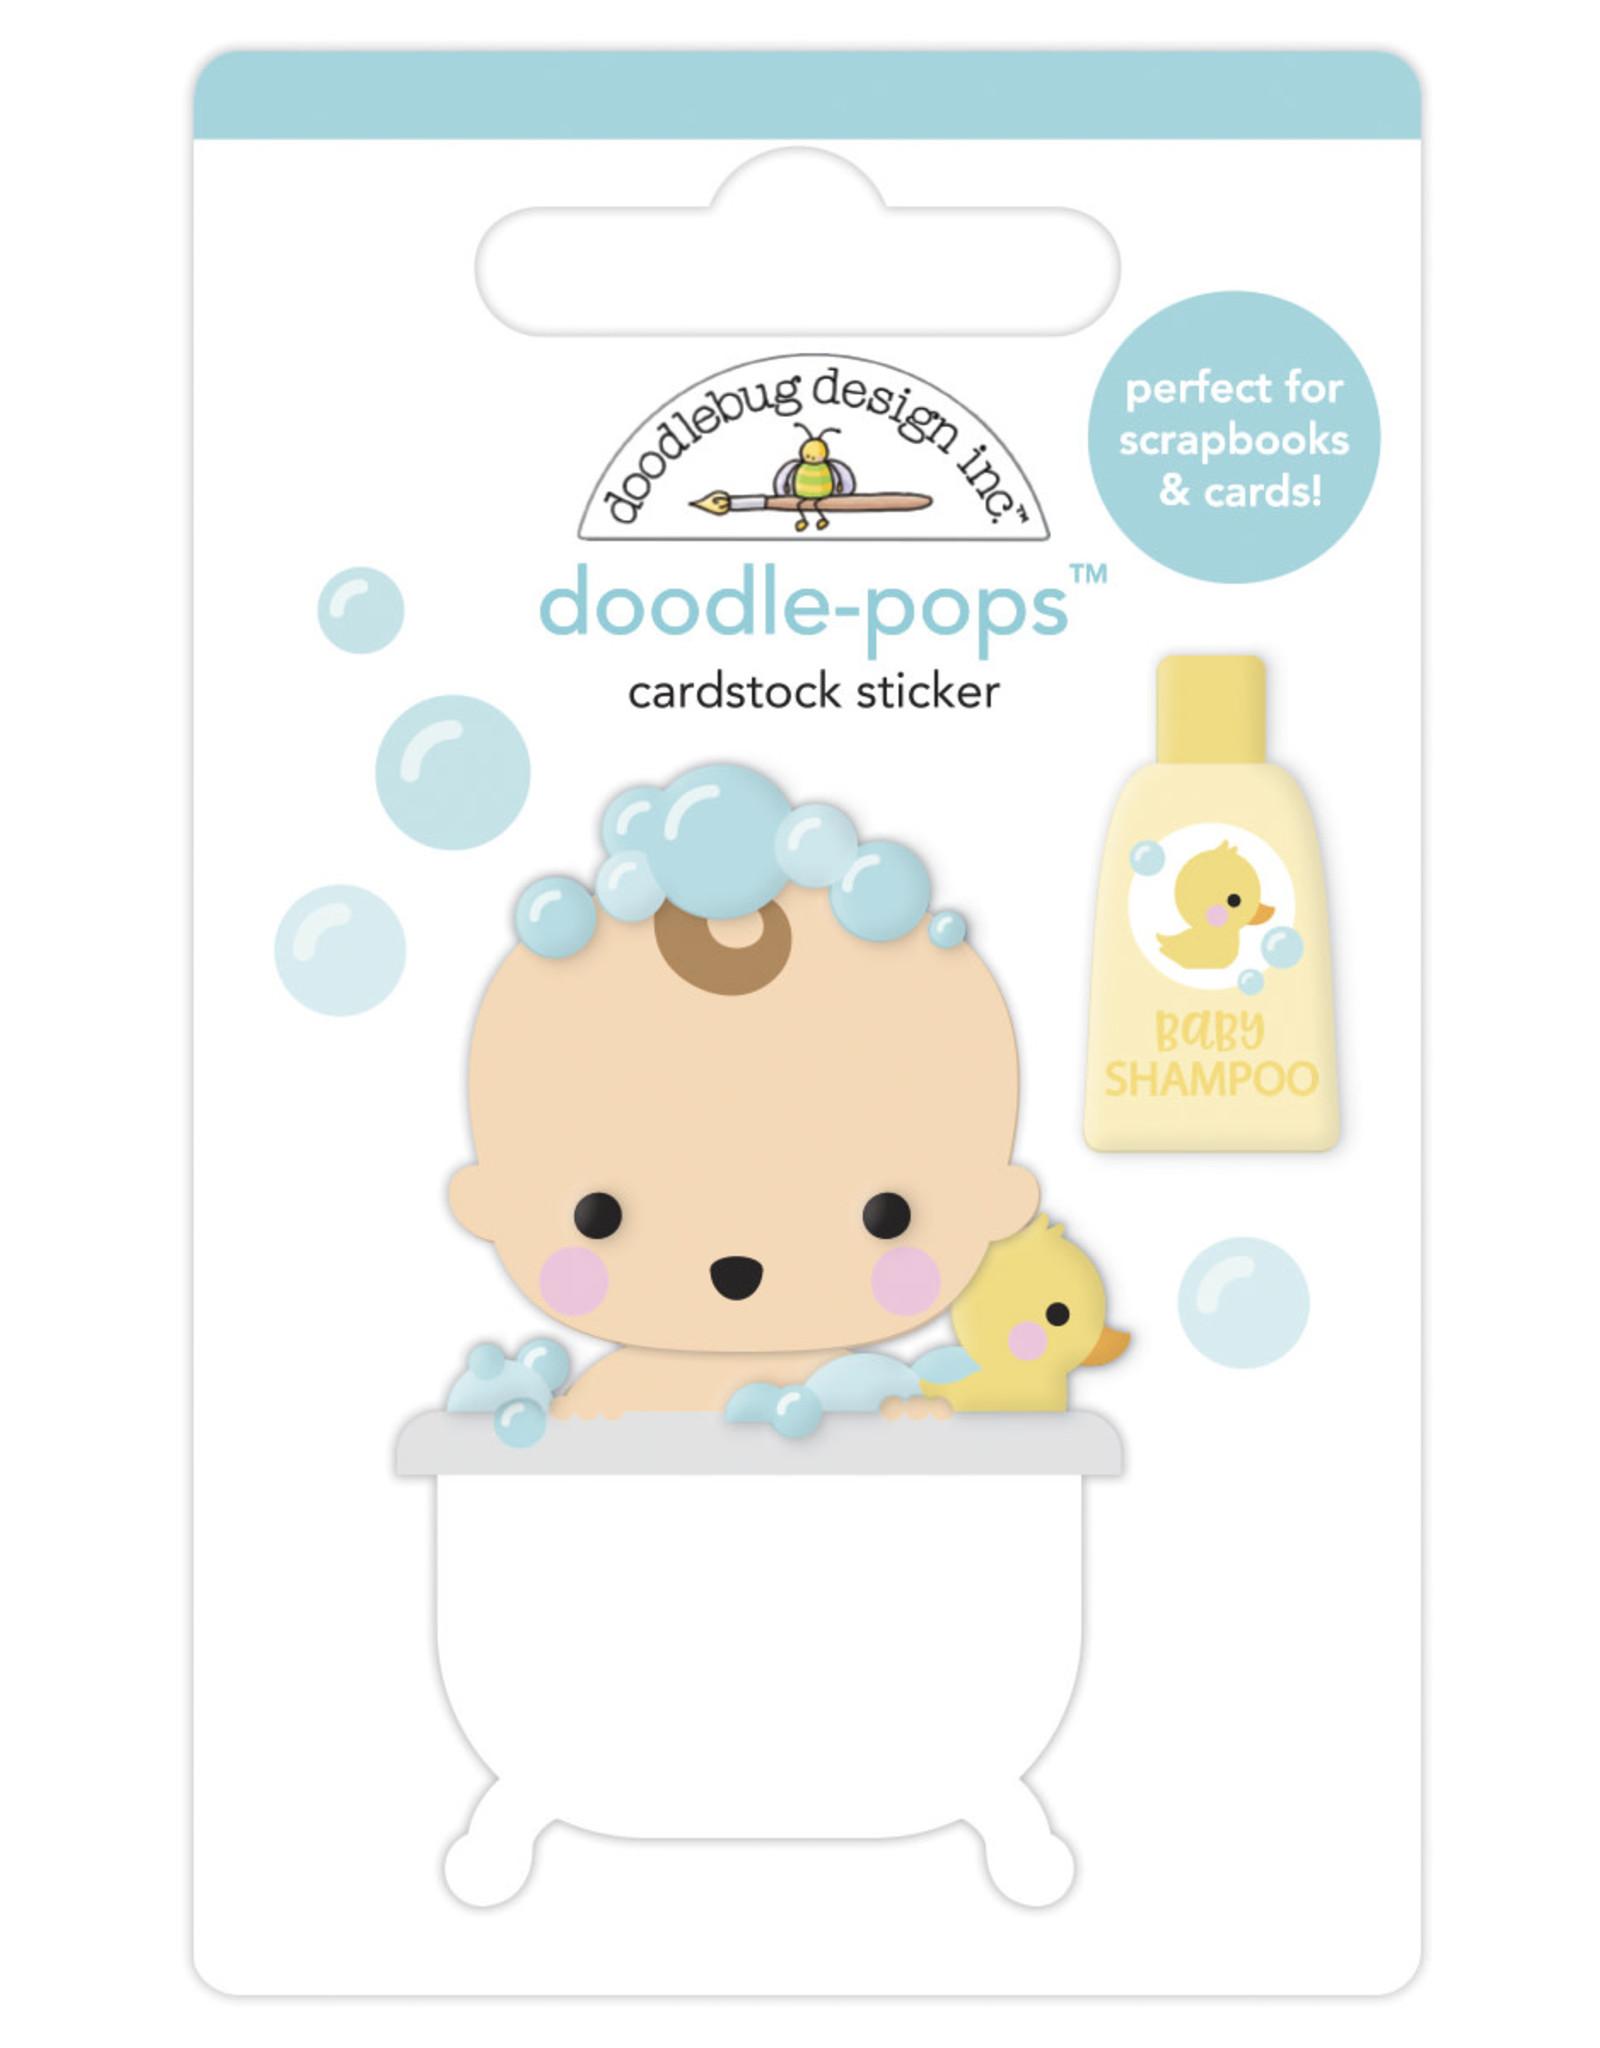 Doodlebug Design bathtime doodle-pops